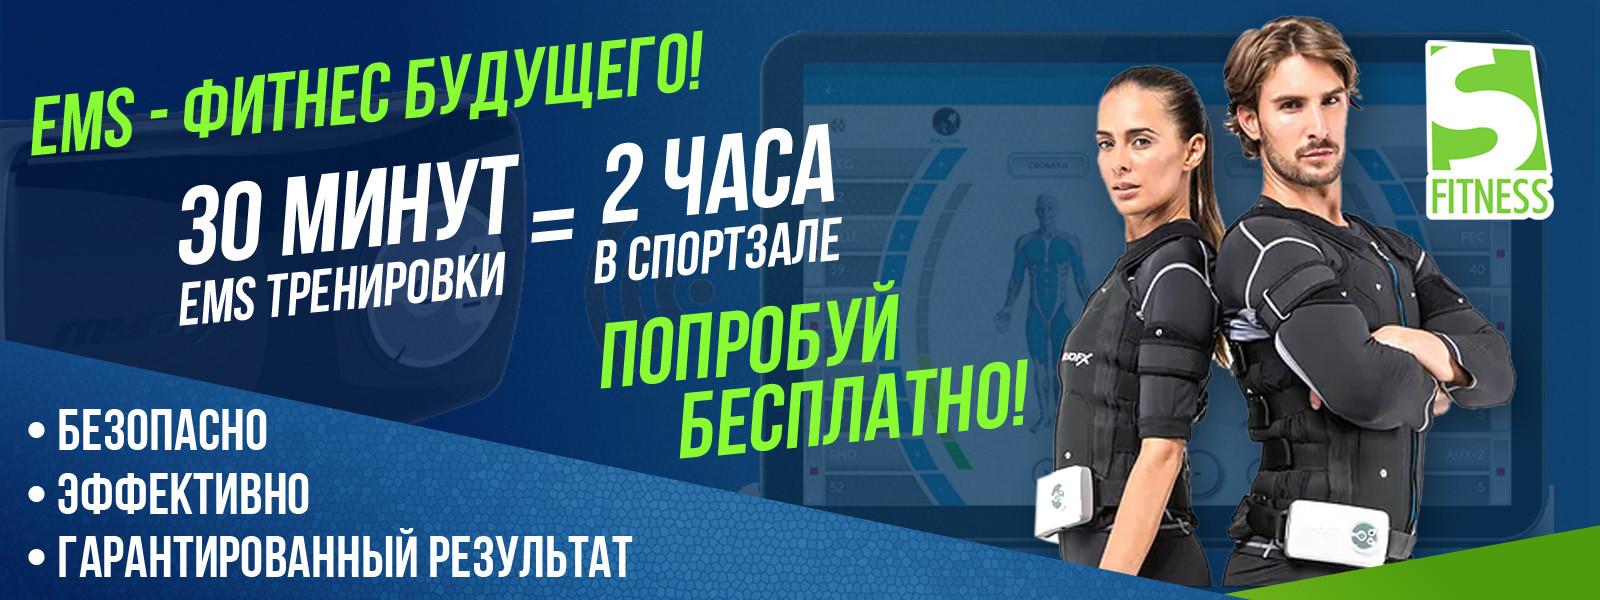 Личная эффективность | easyfinance. Ru система управления личными.